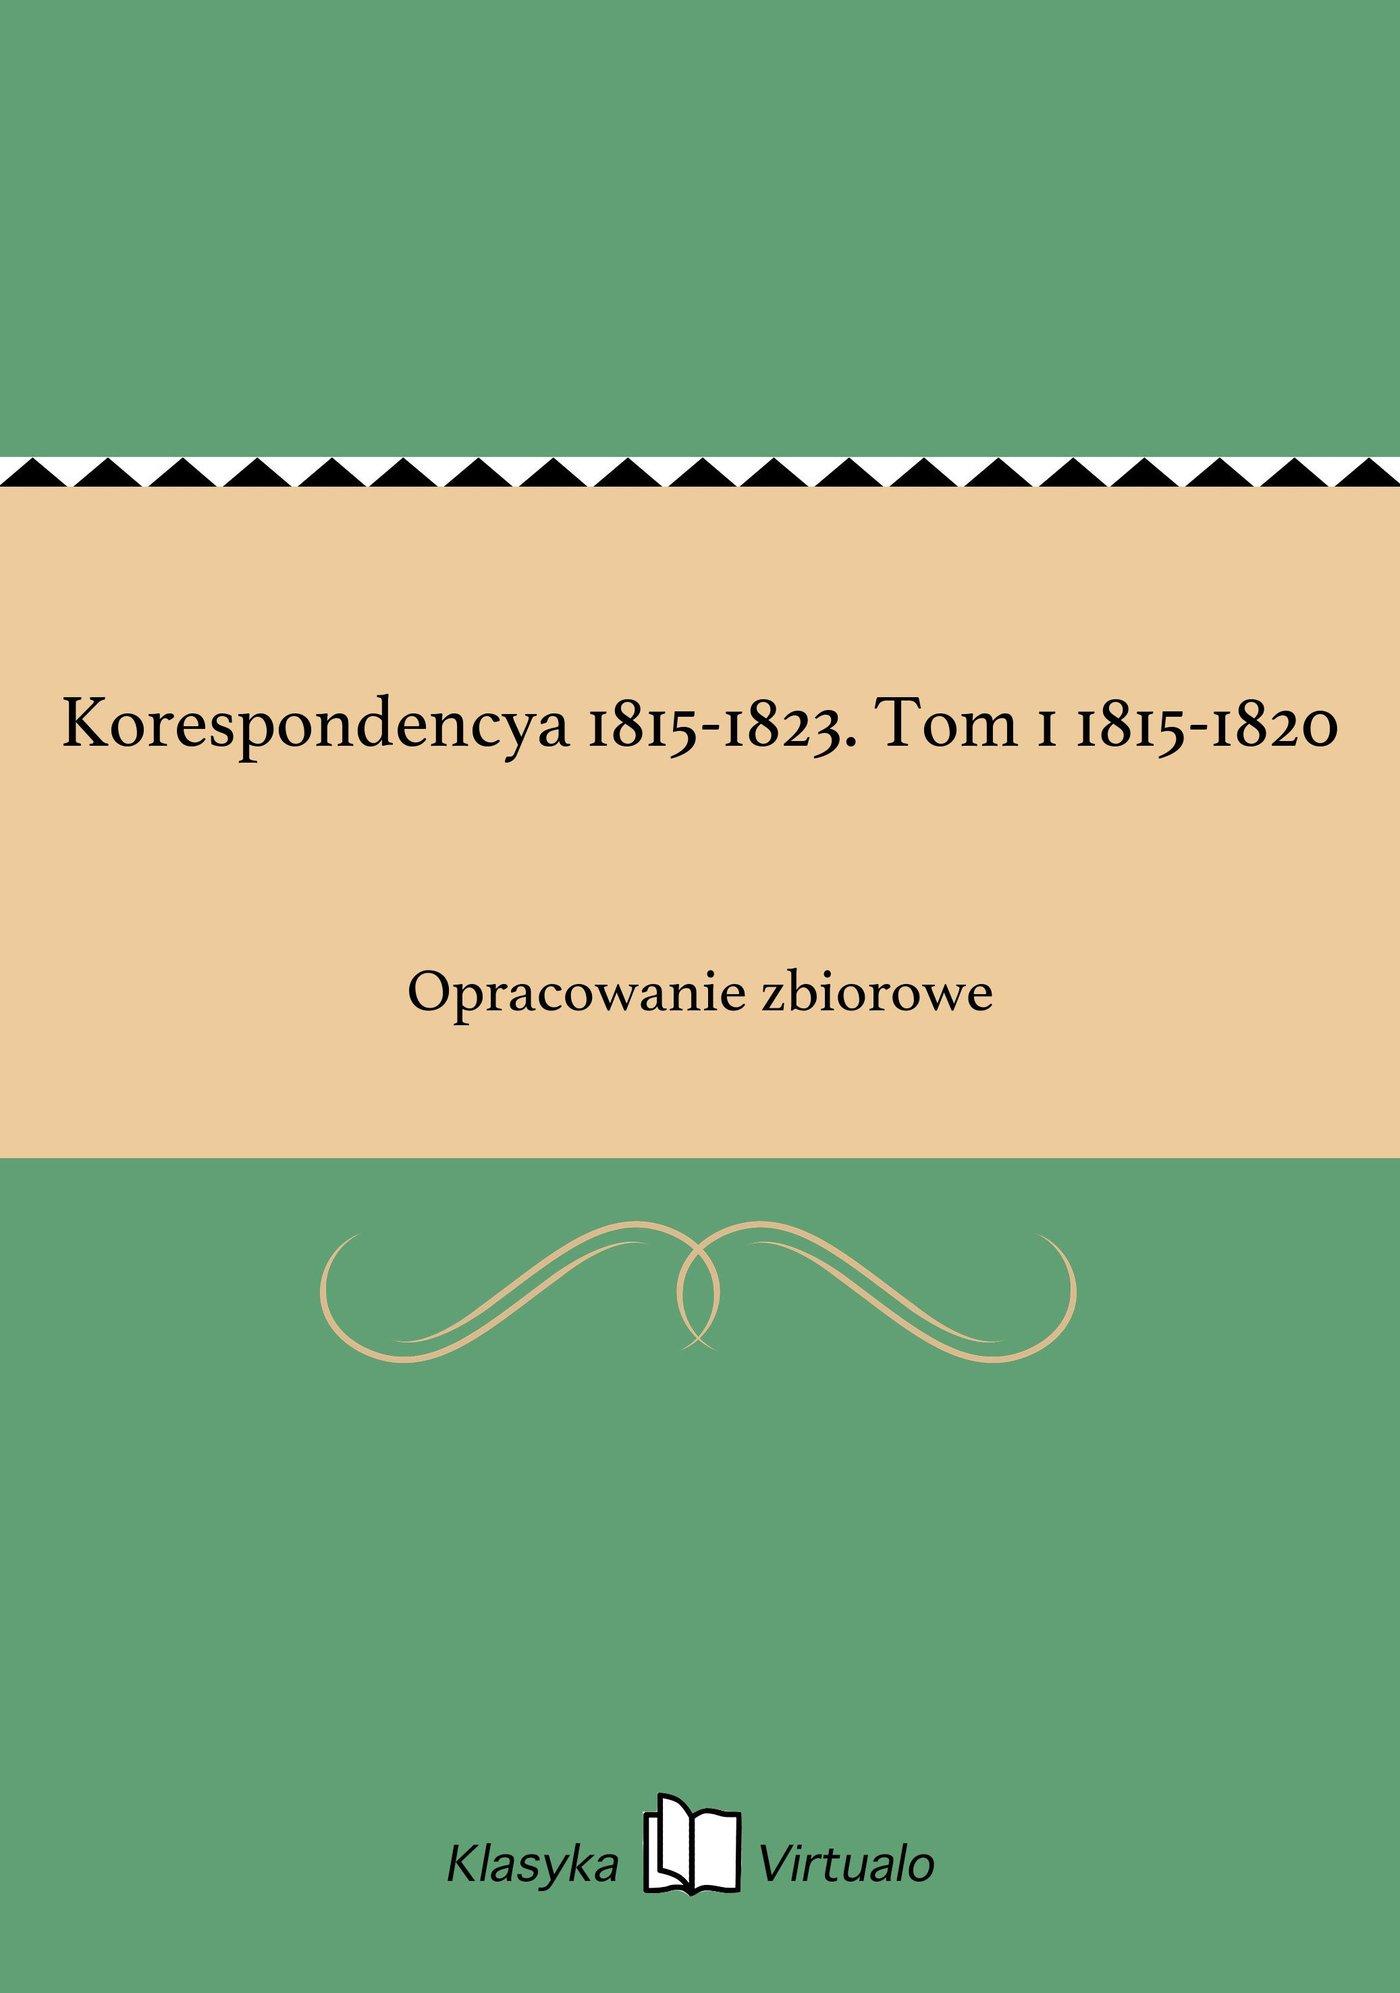 Korespondencya 1815-1823. Tom 1 1815-1820 - Ebook (Książka na Kindle) do pobrania w formacie MOBI